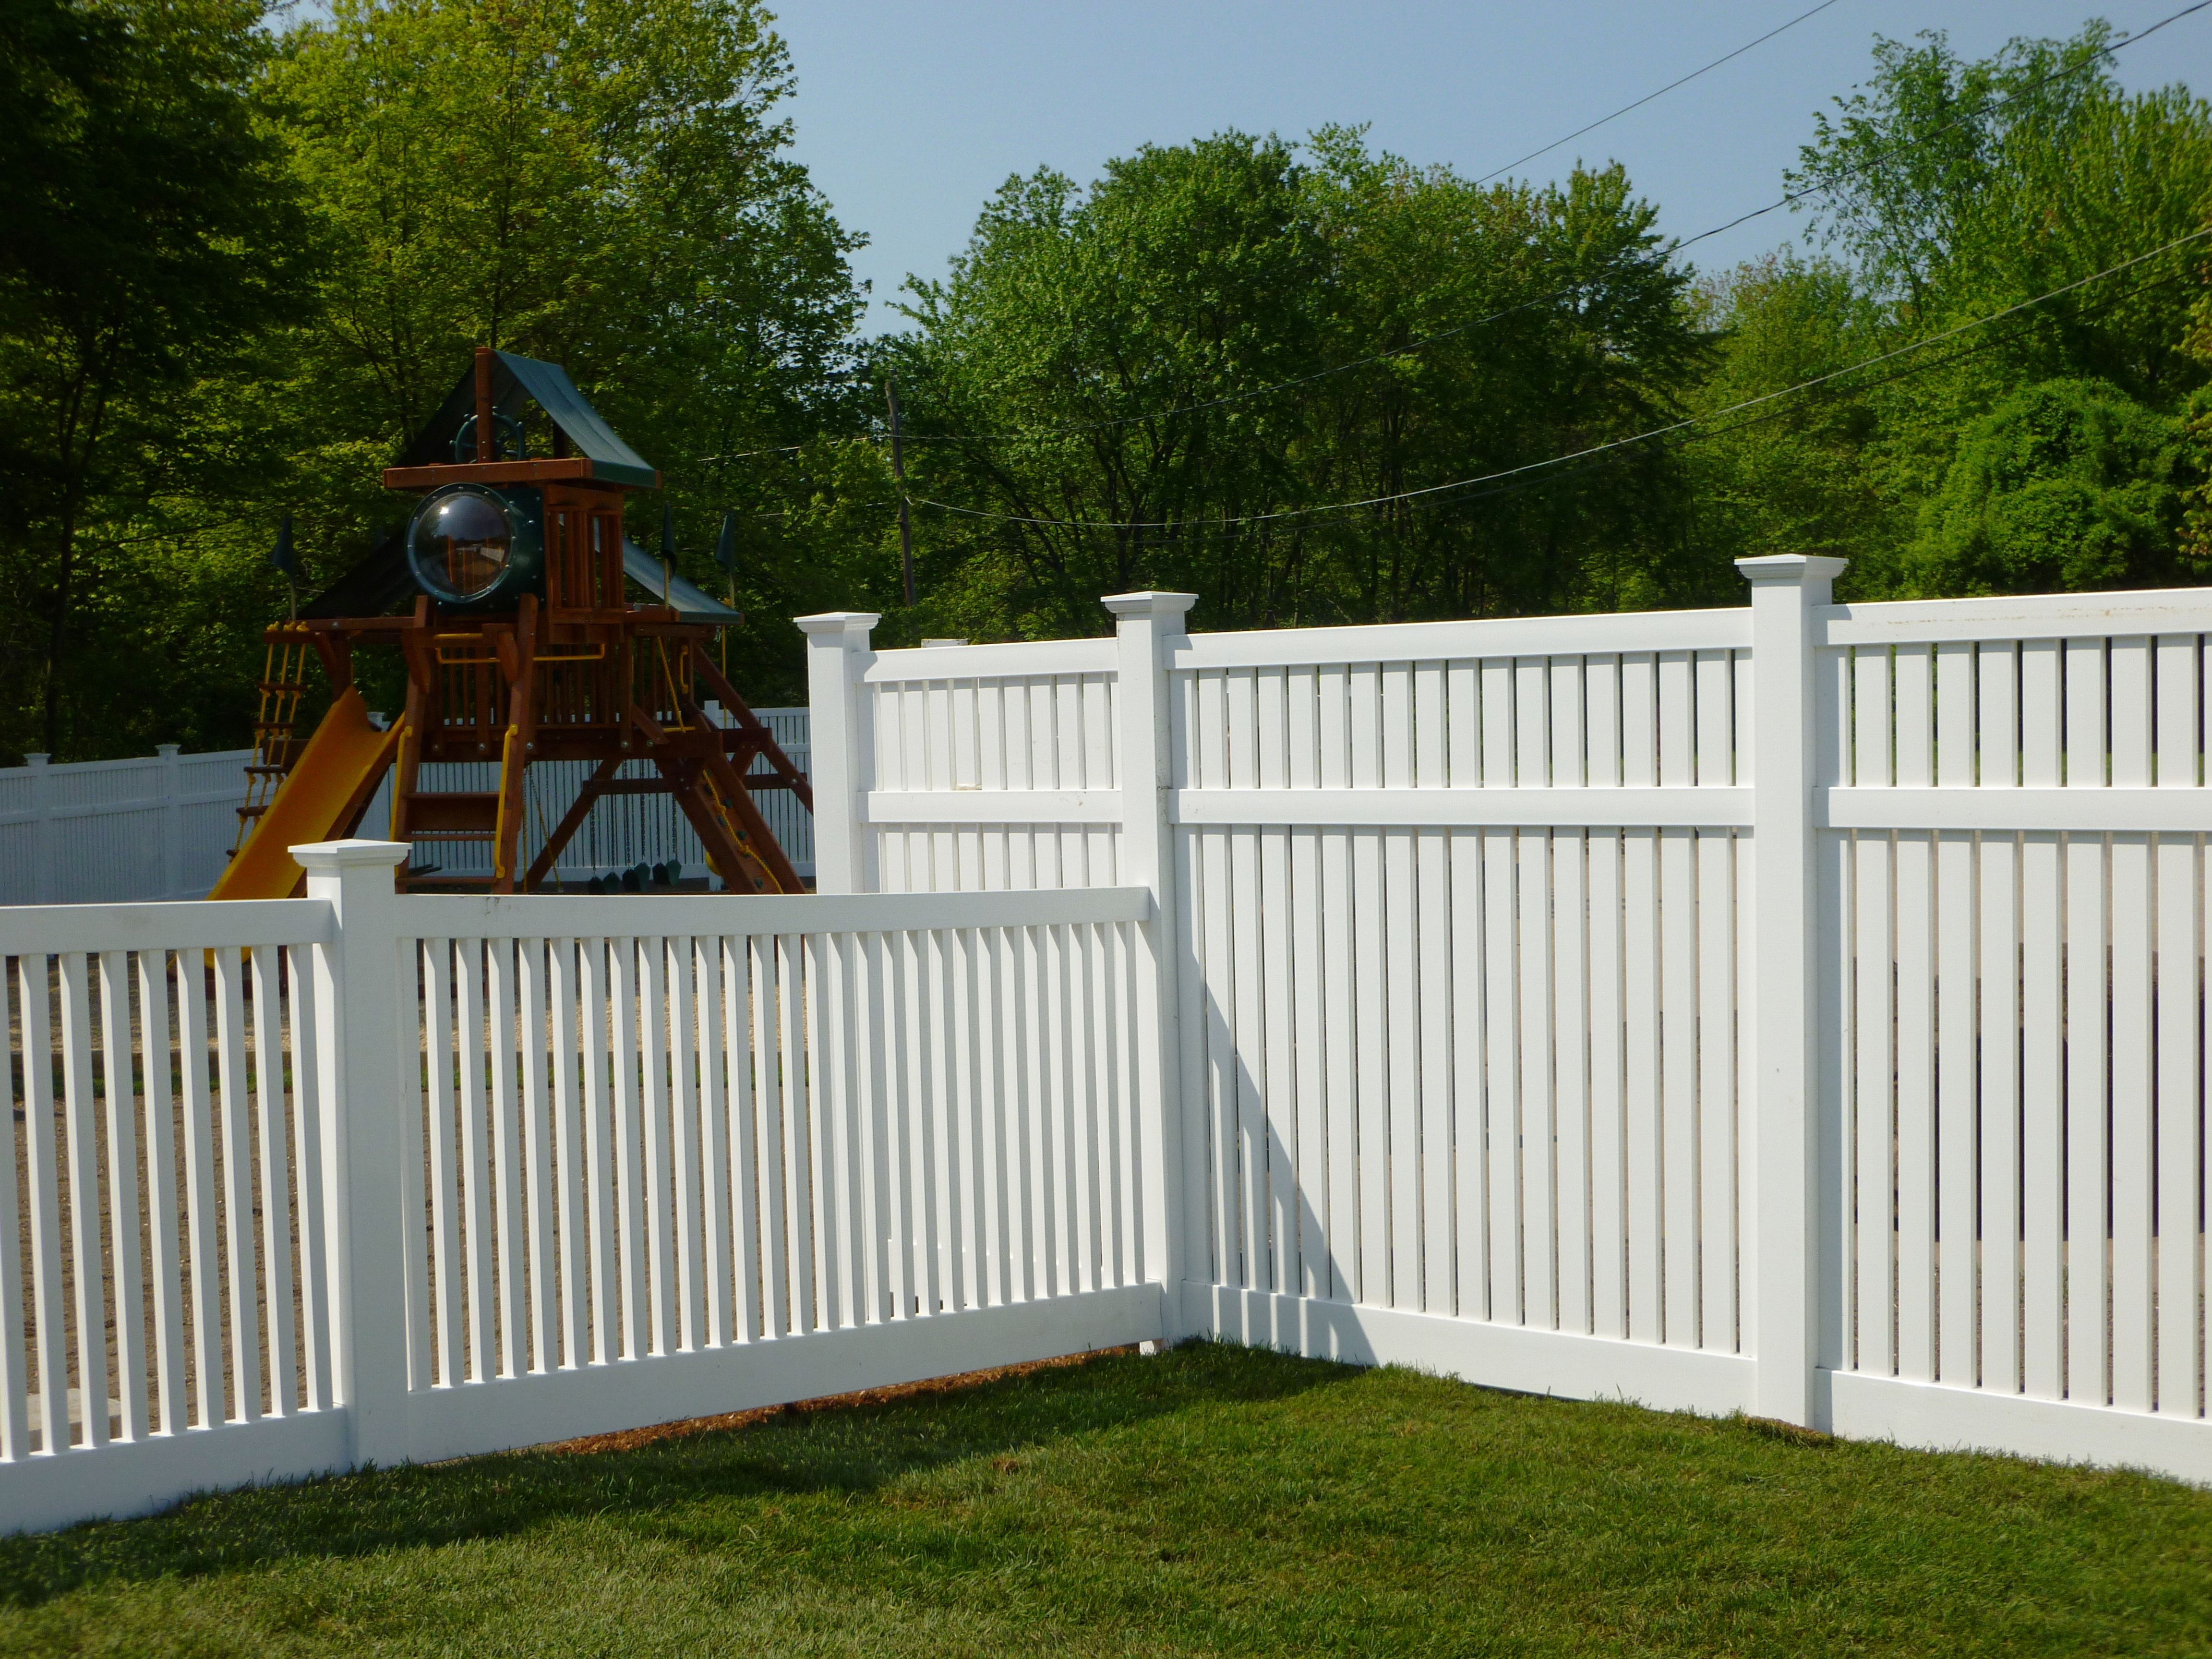 Pvc fencing garden decorative wholesale hollow core fencing pvc fencing garden decorative wholesale hollow core fencing pvc planking baanklon Gallery